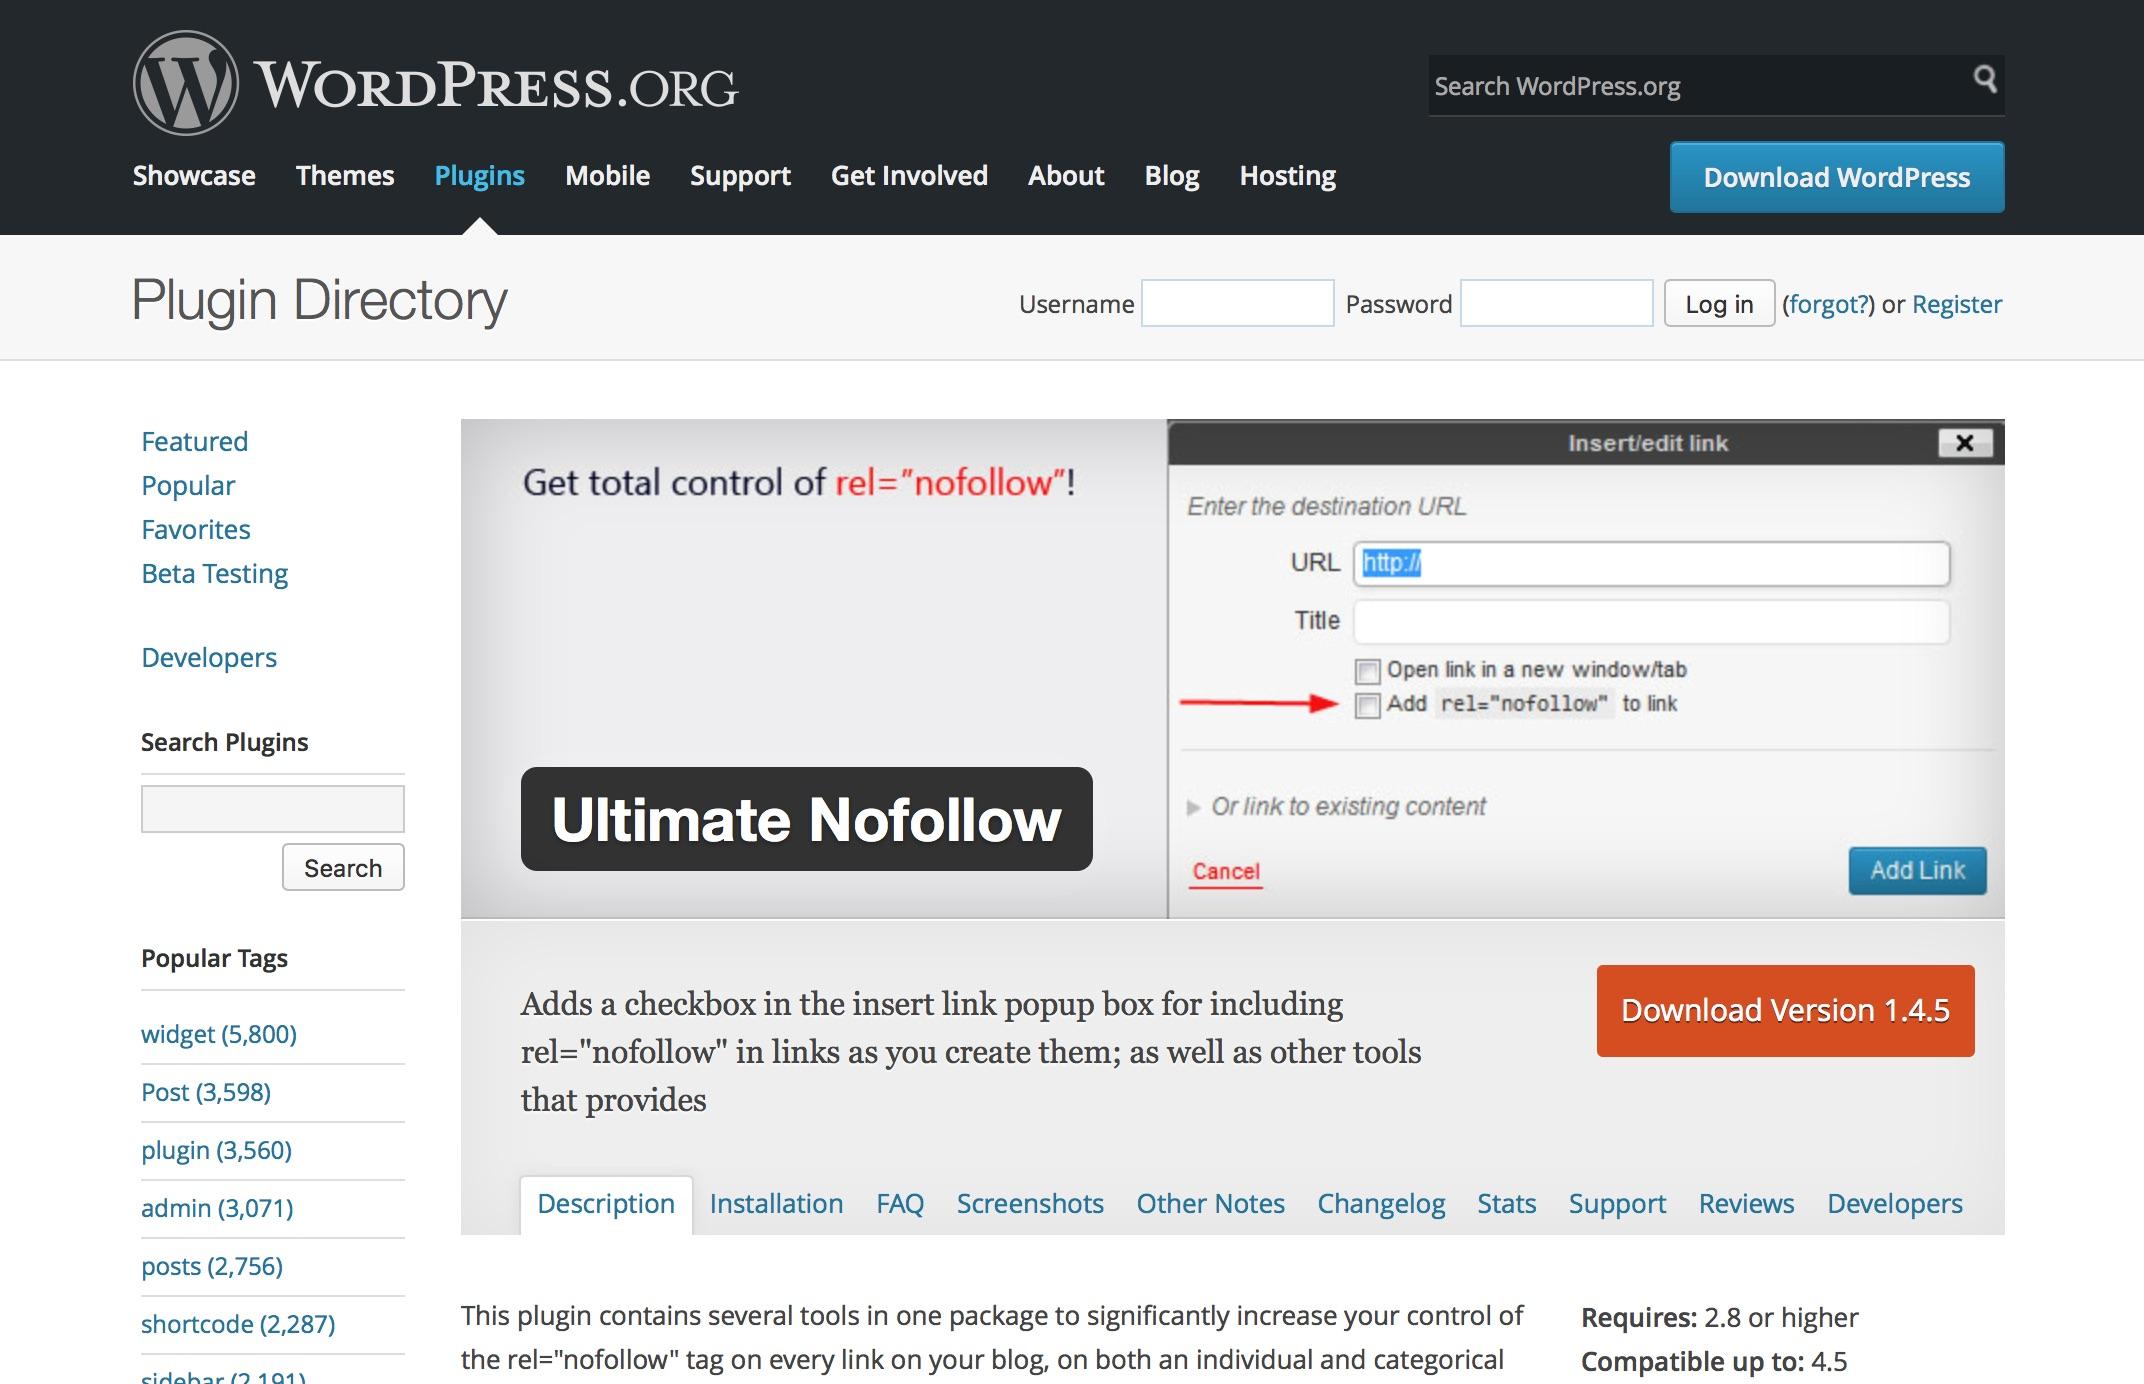 WordPressでリンク個別に「nofollow」を追加できるプラグイン「Ultimate nofollow」が便利!